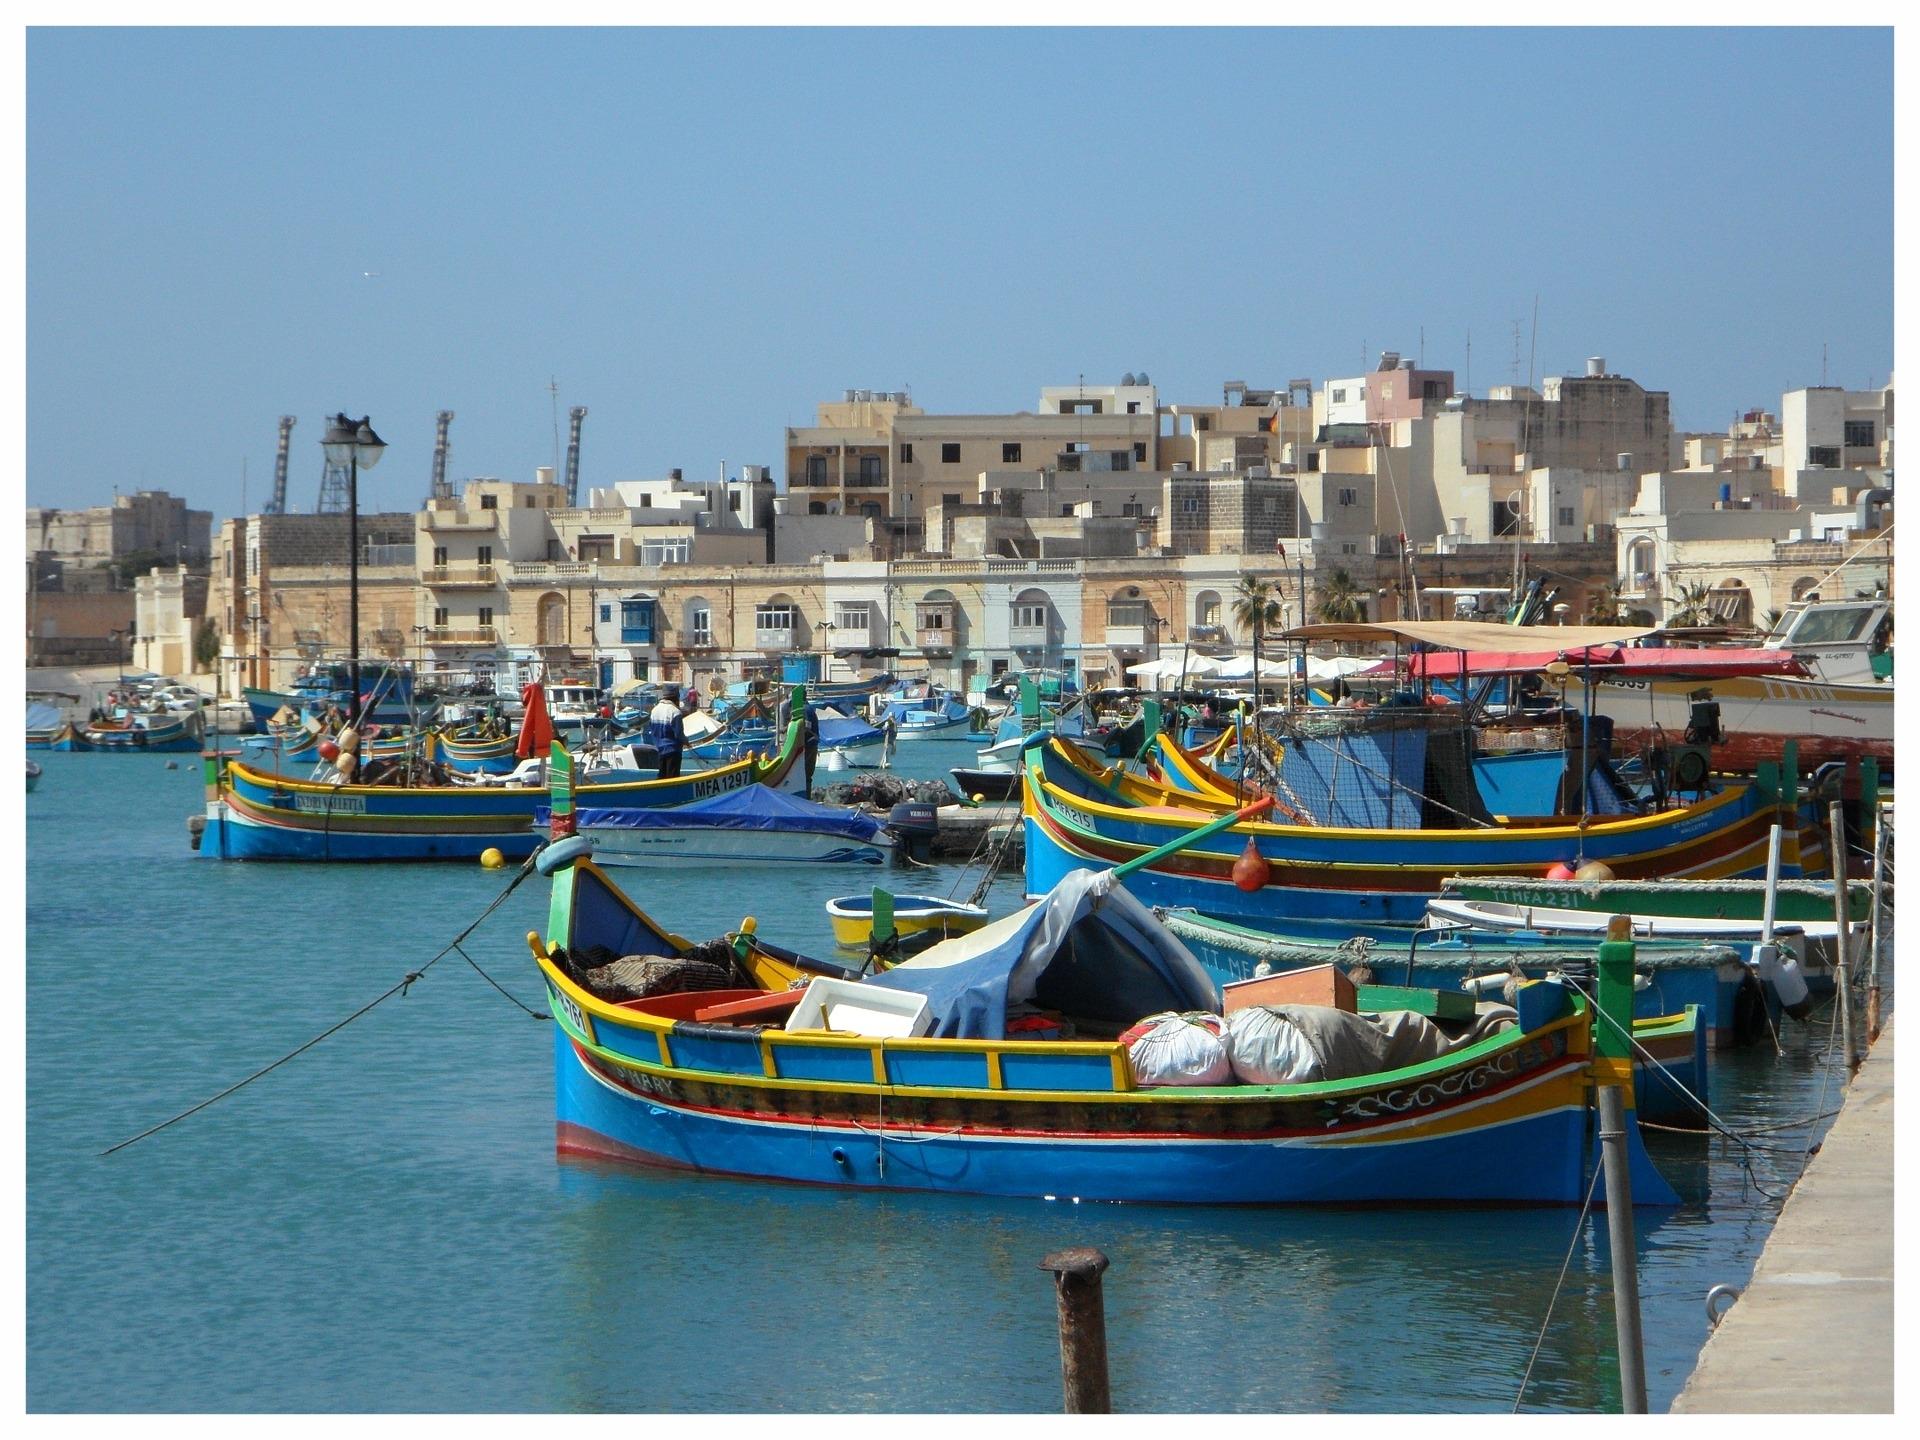 Mediterranean Lifestyle - Koyunseven.com23.jpg